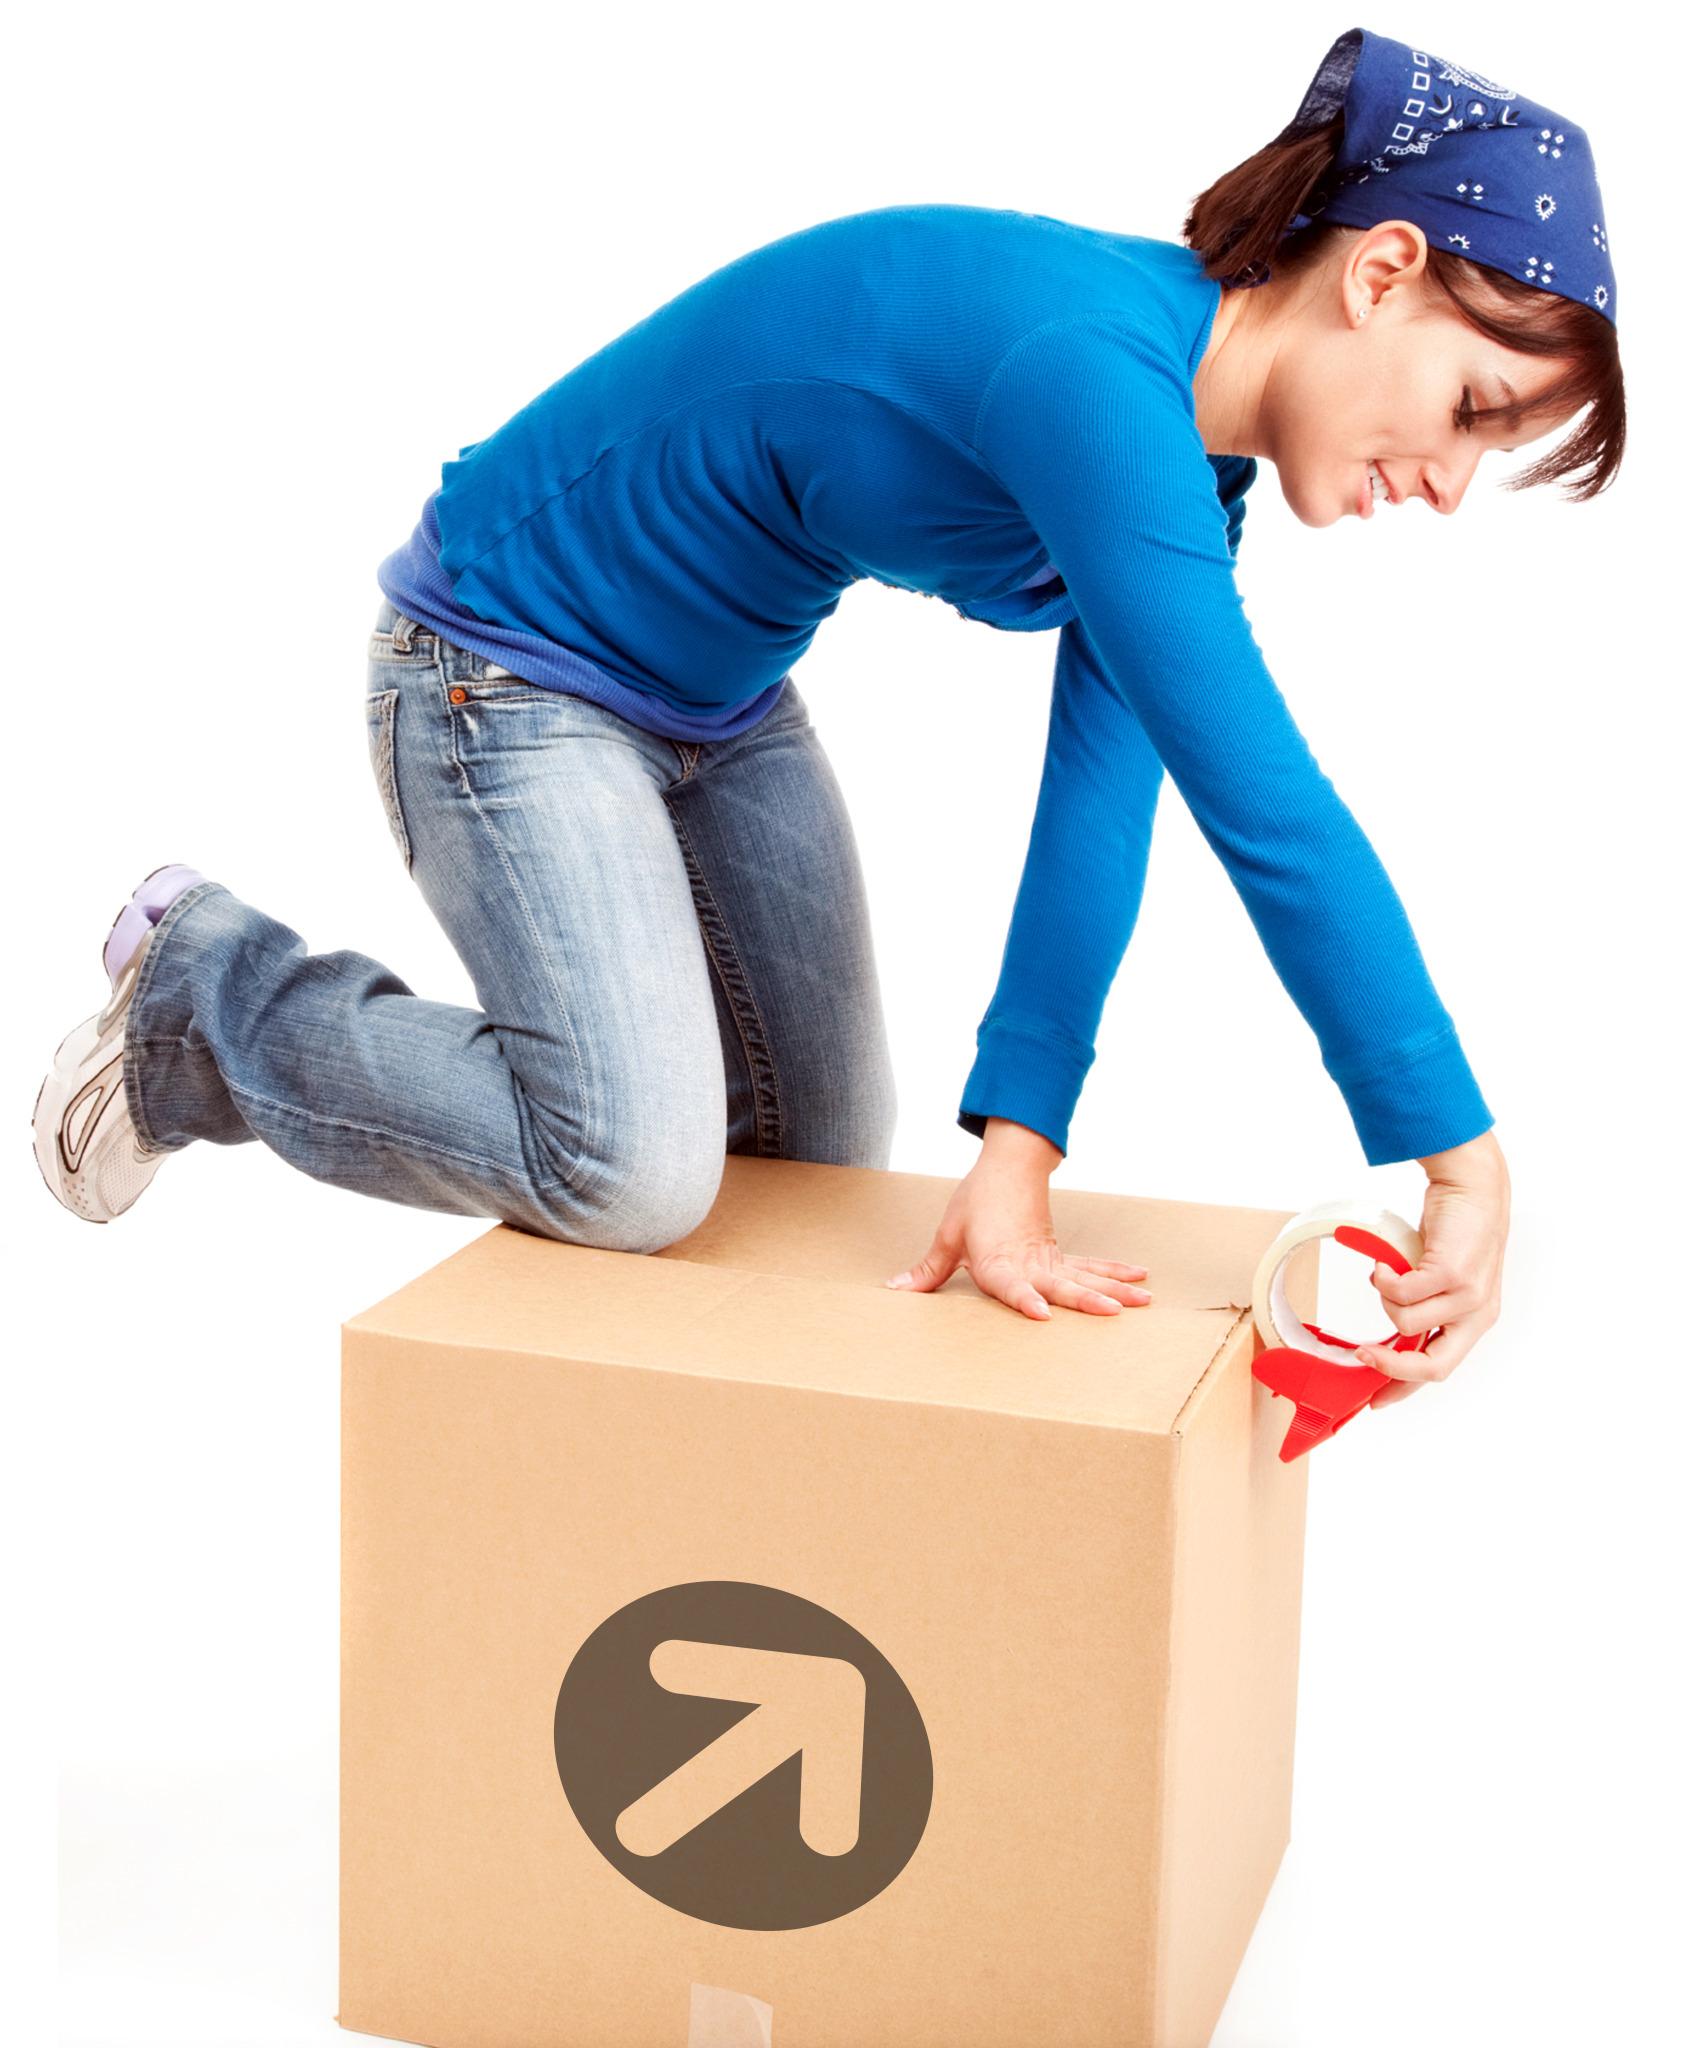 avatar tape box